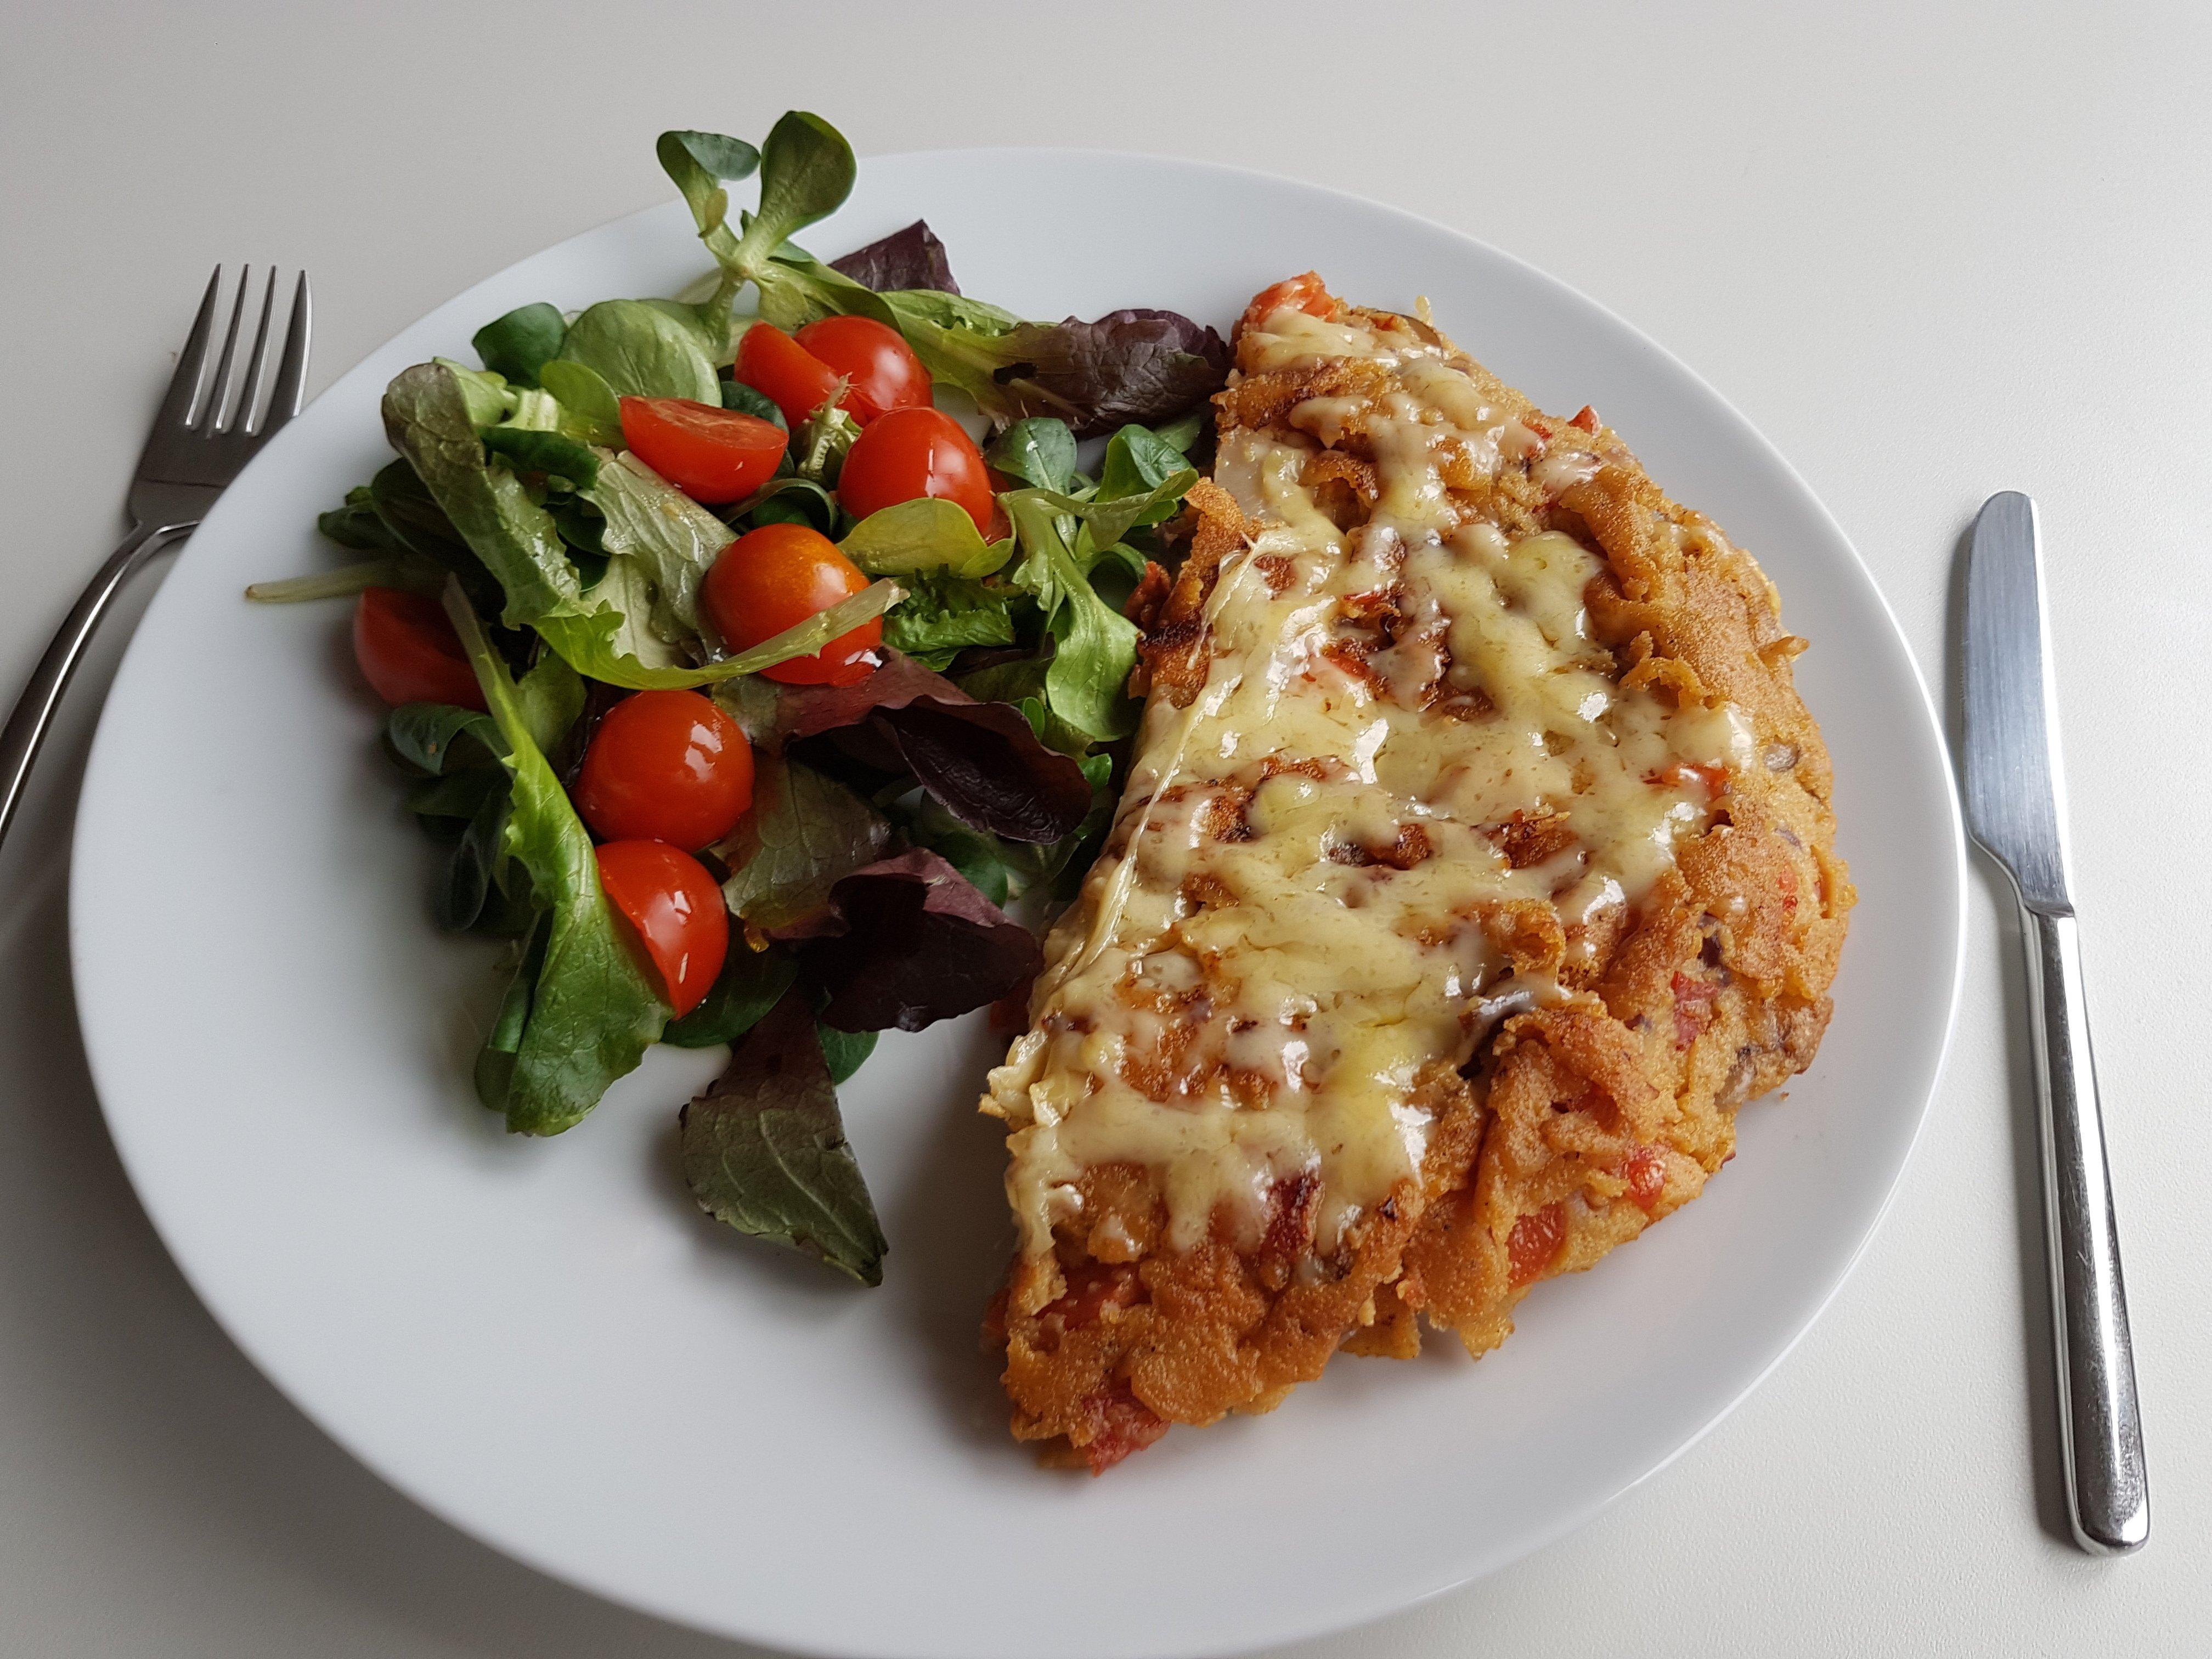 tortilla kikkererwtenmeel veganisch